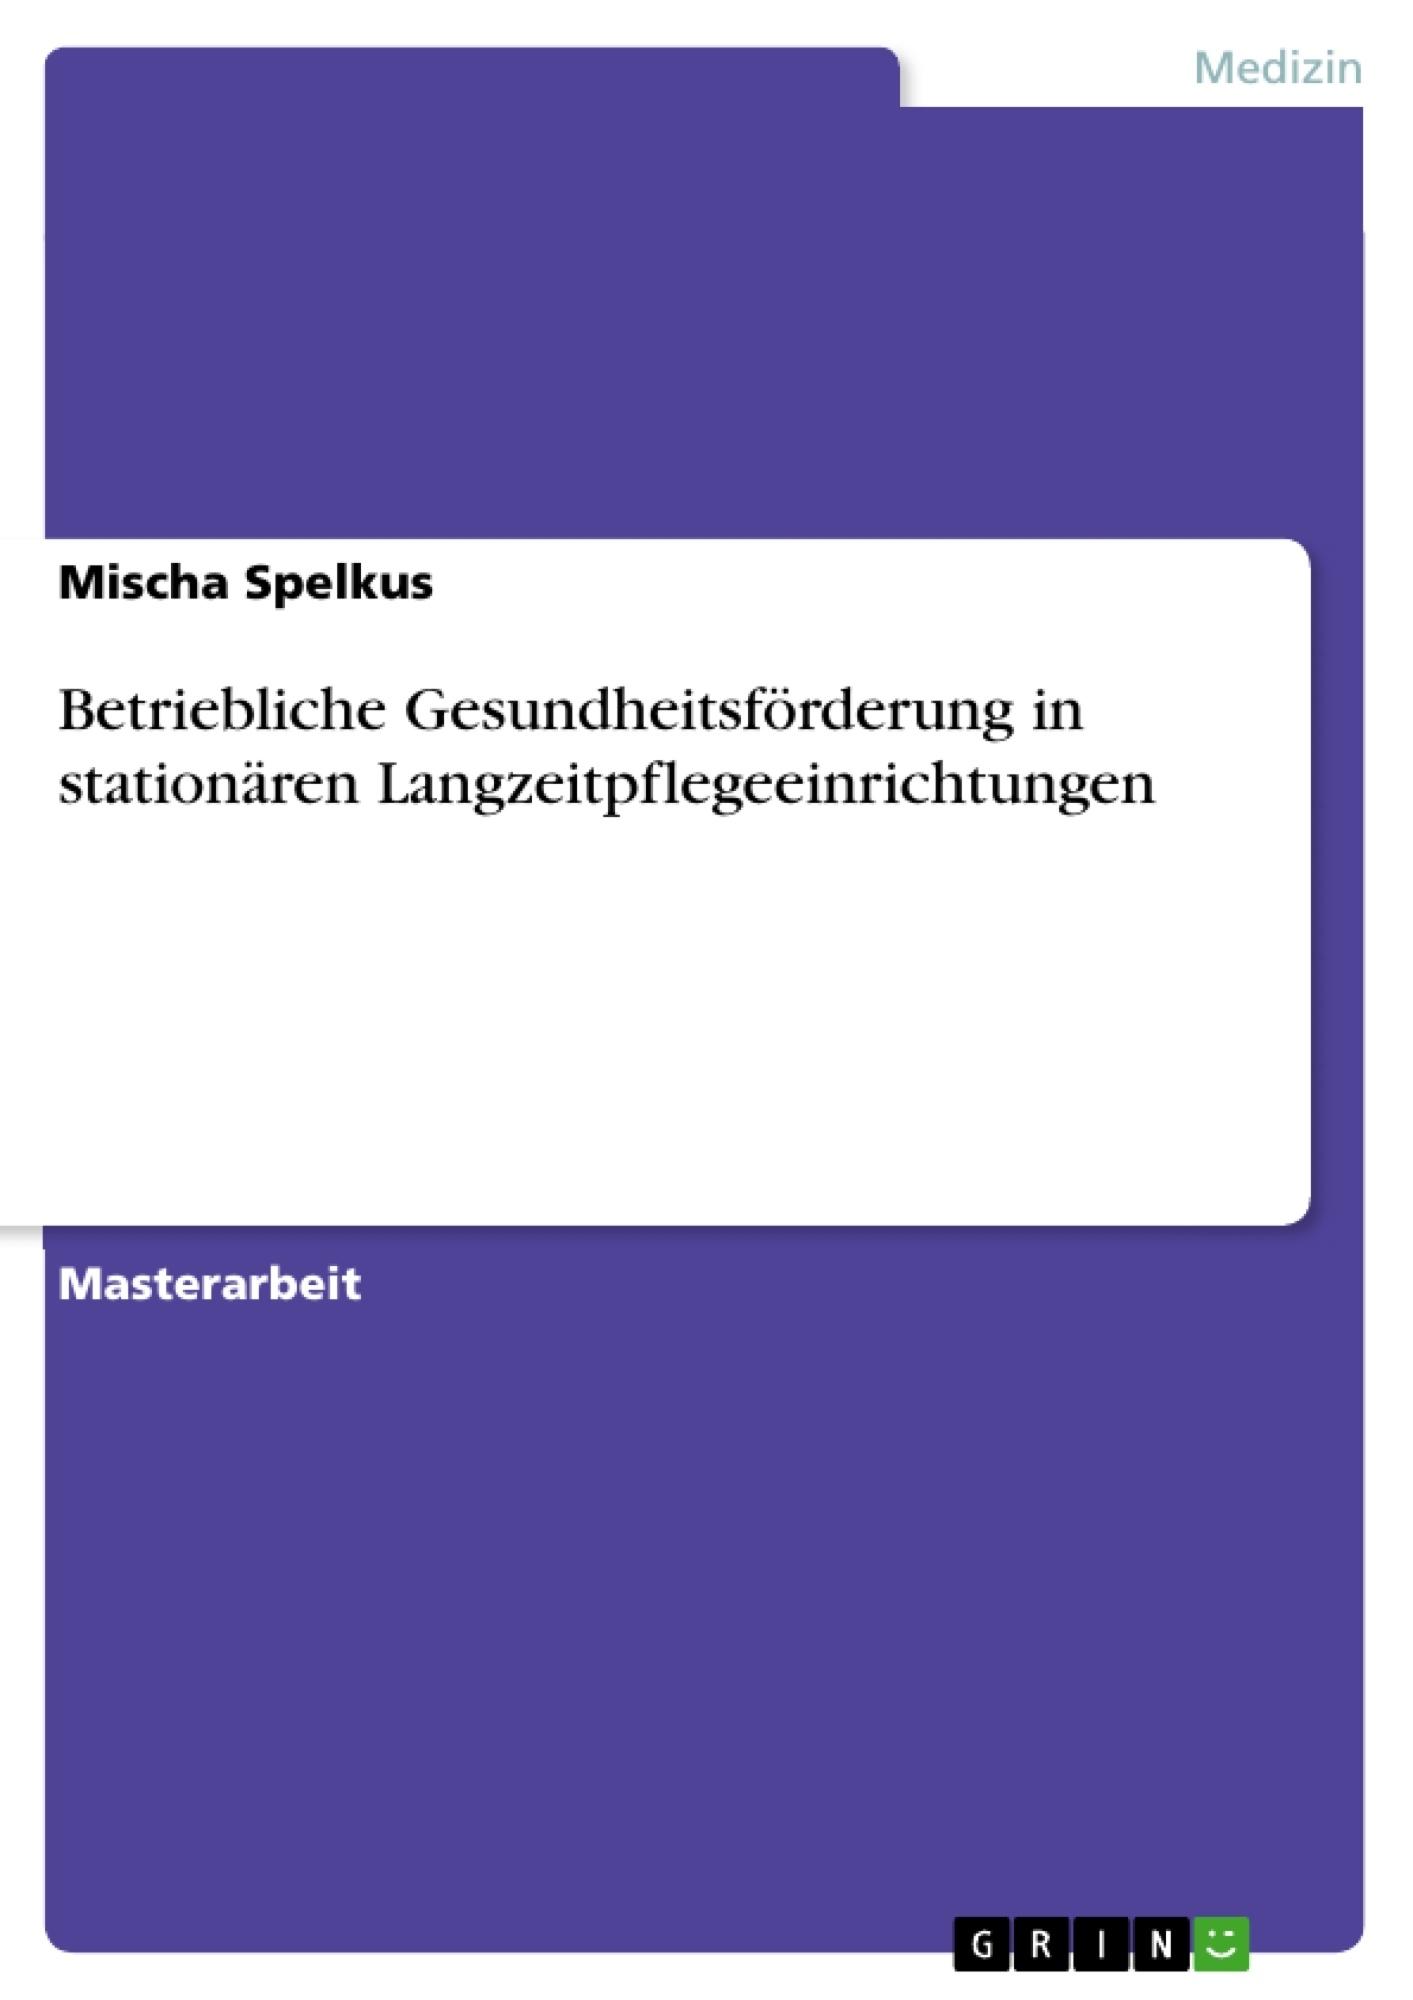 Titel: Betriebliche Gesundheitsförderung in stationären Langzeitpflegeeinrichtungen